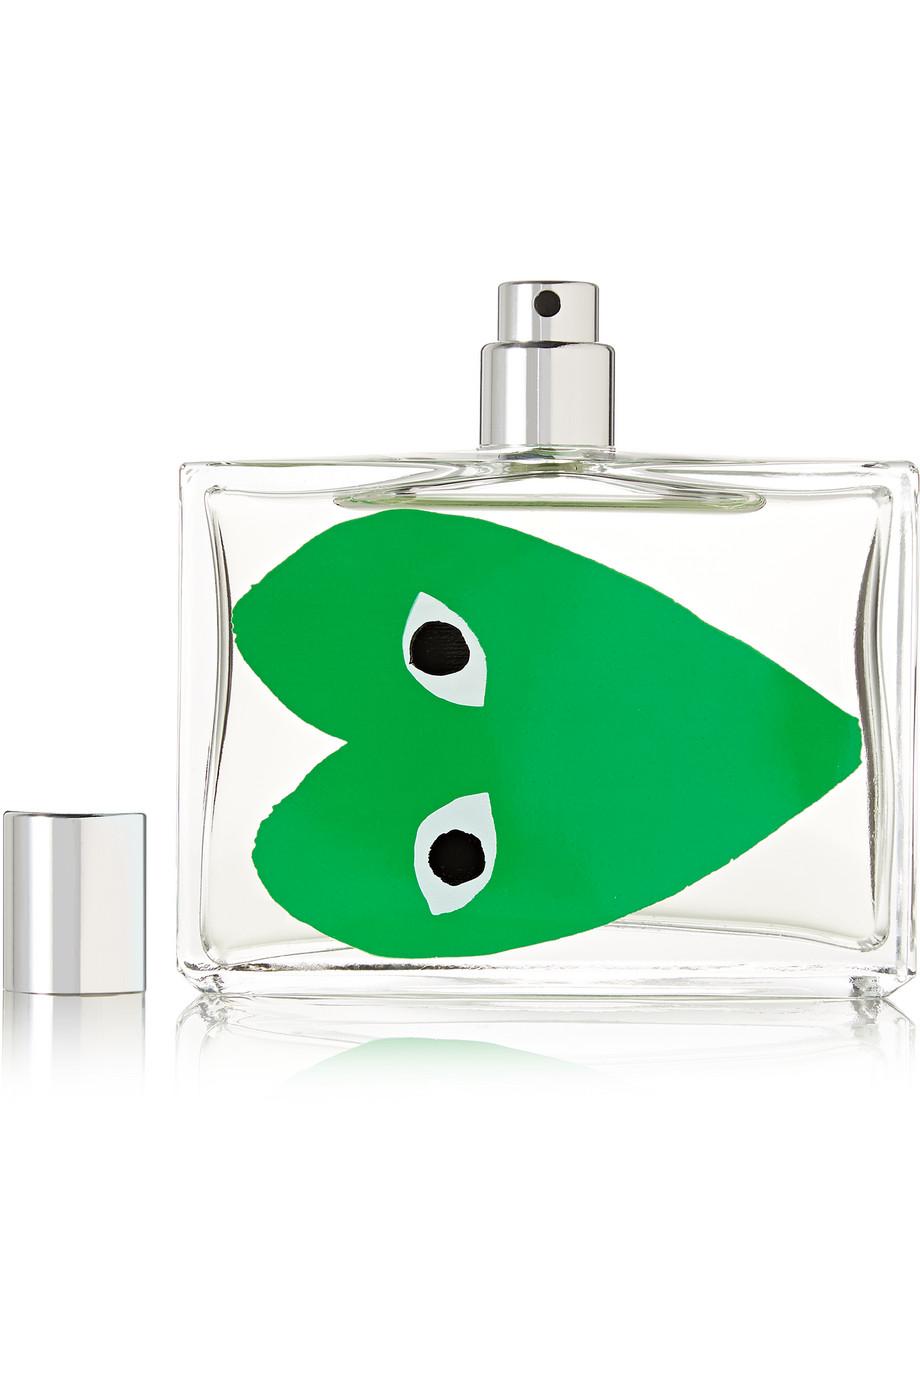 Comme des Garcons Parfums Play Green Eau de Toilette - Mint & Lime, 100ml